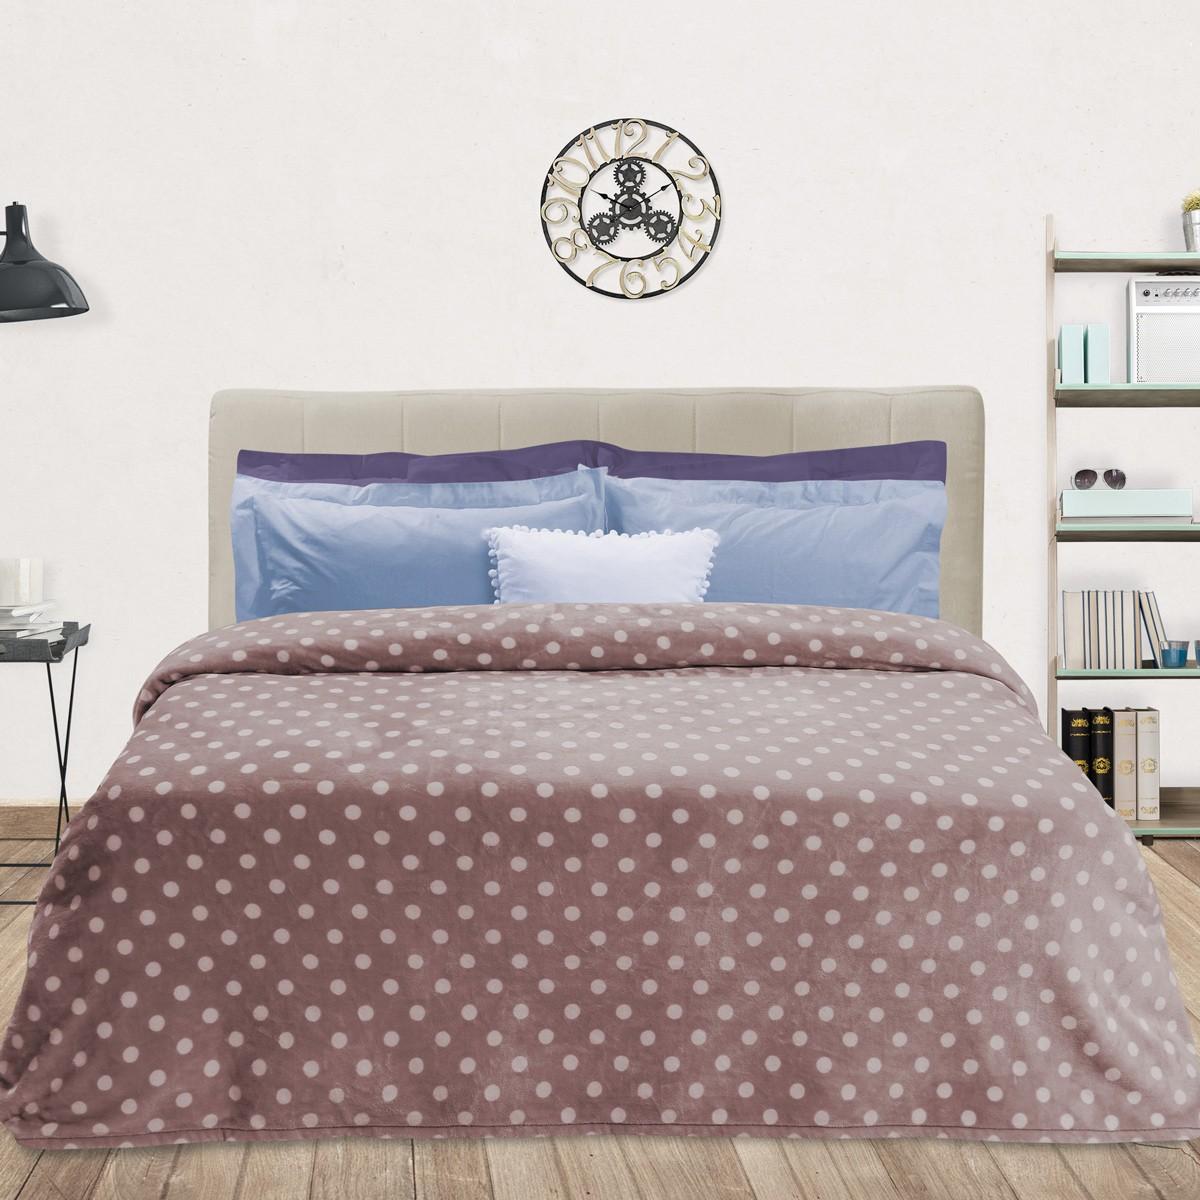 Κουβέρτα Fleece Υπέρδιπλη Das Home Blanket Line Prints 400 home   κρεβατοκάμαρα   κουβέρτες   κουβέρτες fleece υπέρδιπλες